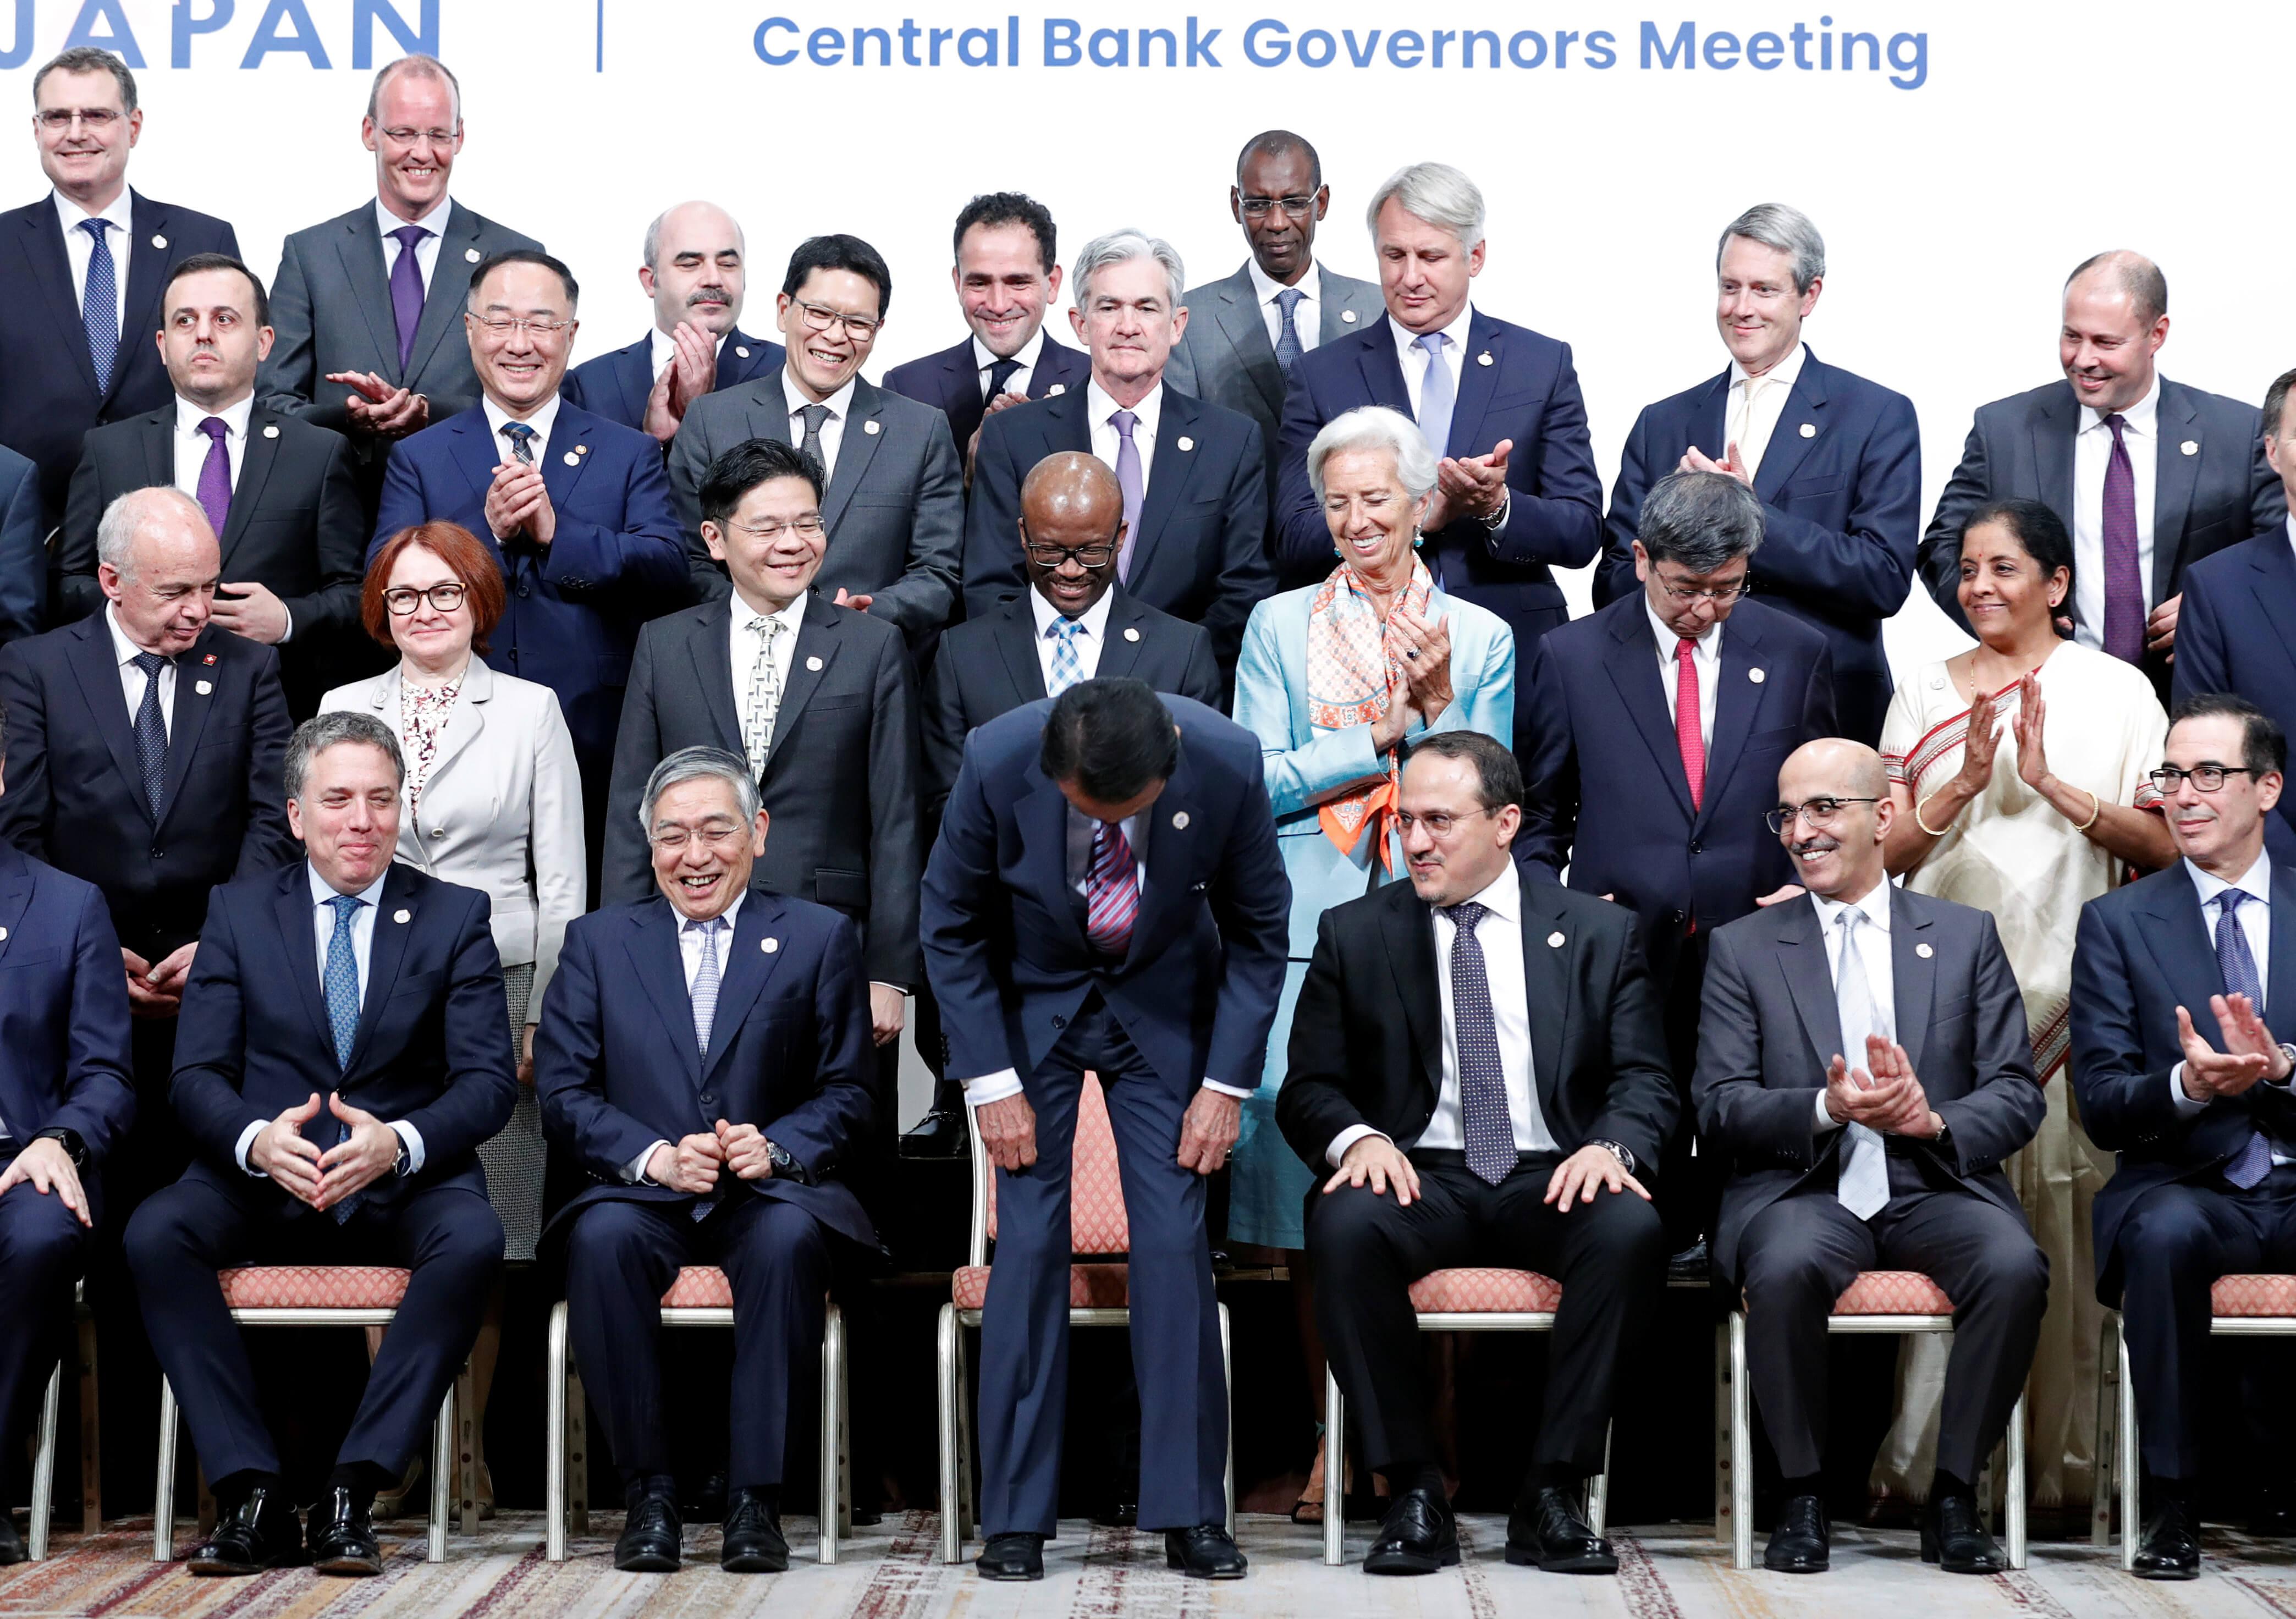 """""""Κουβάρι"""" αντιθέσεων στην G20 - Παραλίγο να μην βγάλουν κοινό ανακοινωθέν!"""